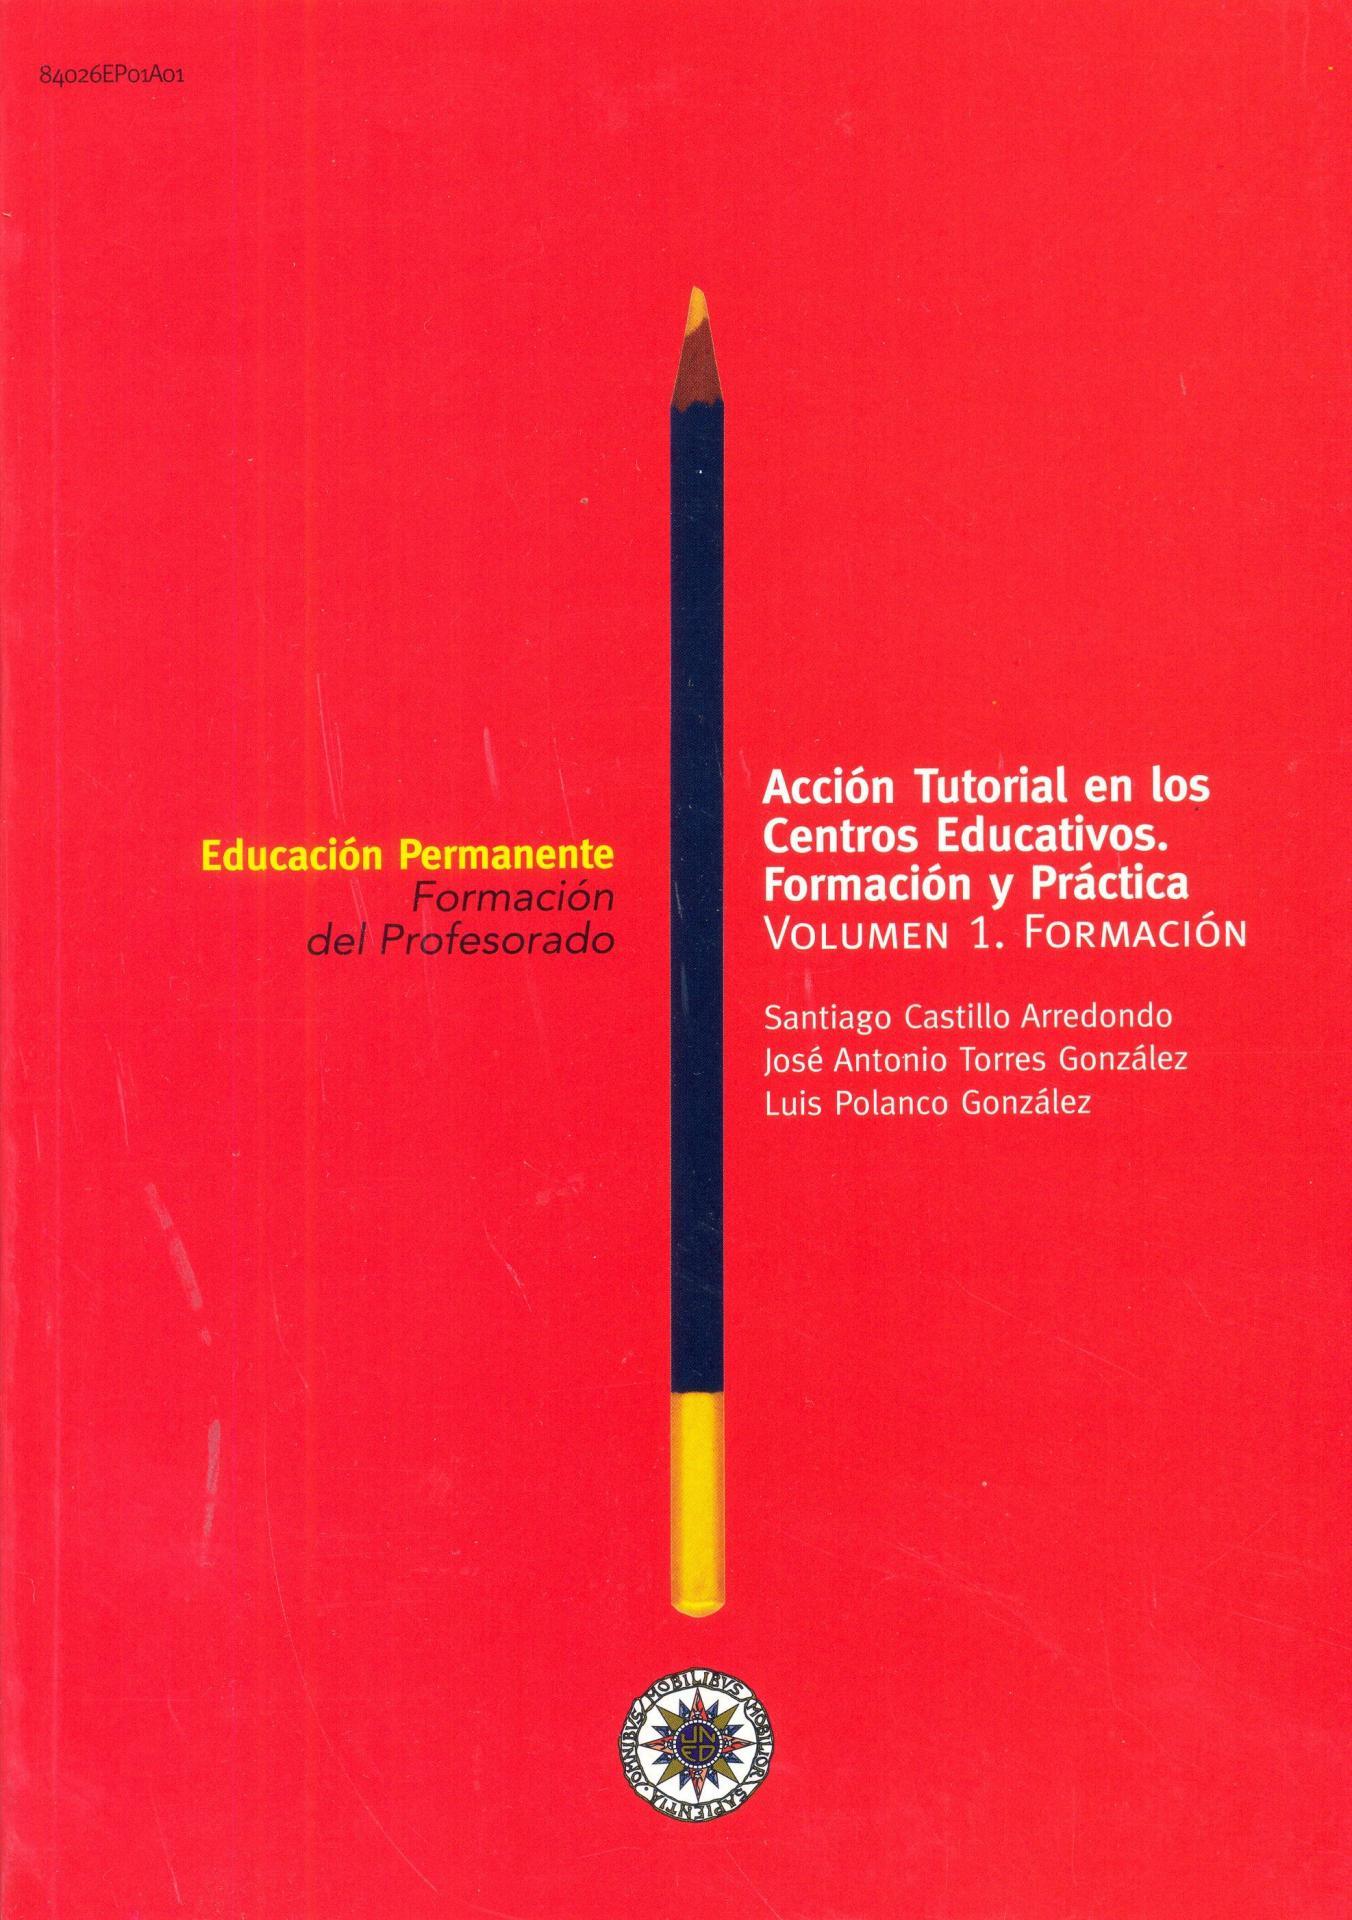 ACCIÓN TUTORIAL EN LOS CENTROS EDUCATIVOS.  Formación y práctica.  Vol 1 y Vol 2. Castillo, S.